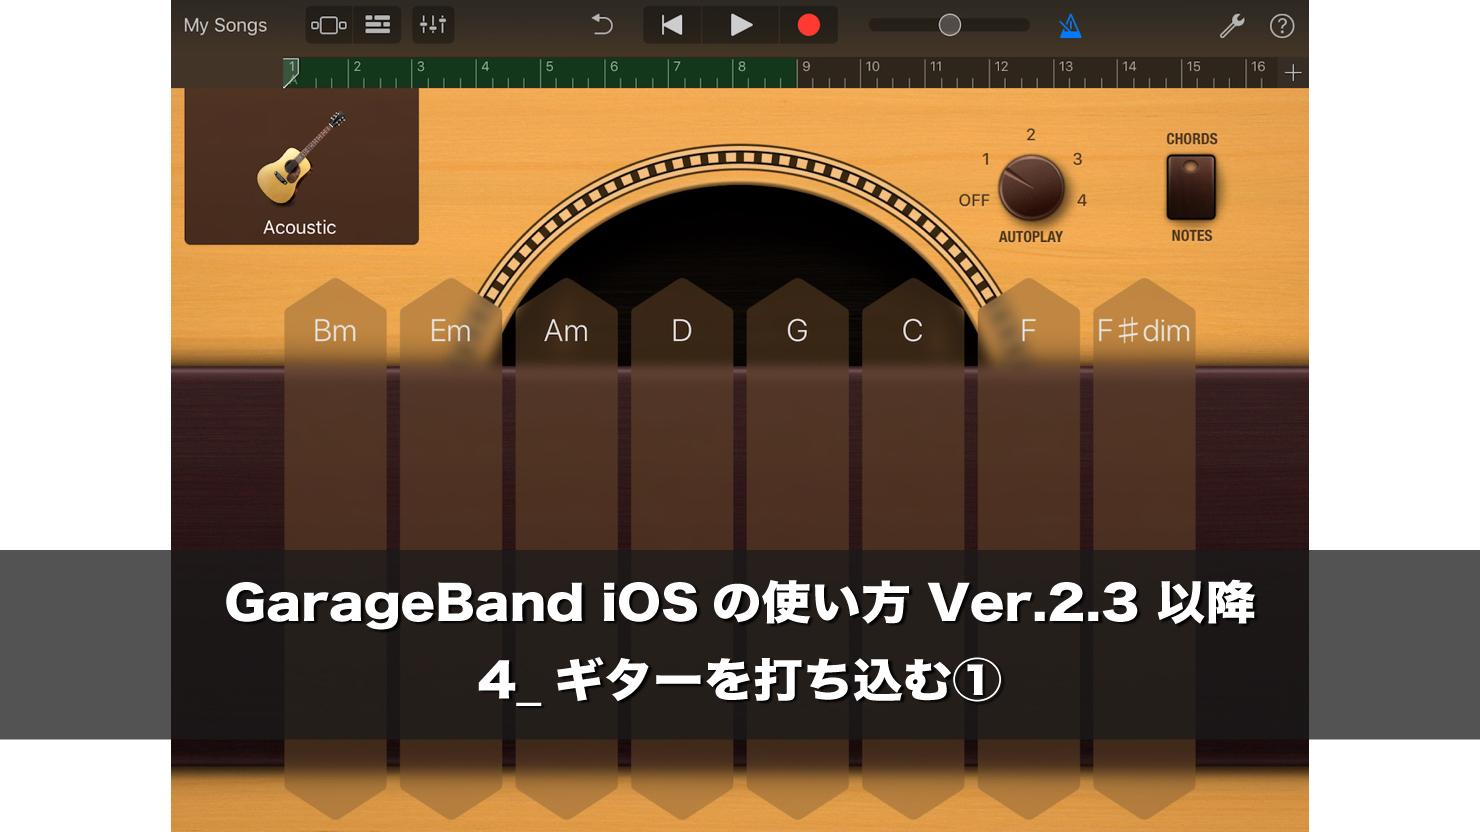 GarageBandiOS-ver2-3-4